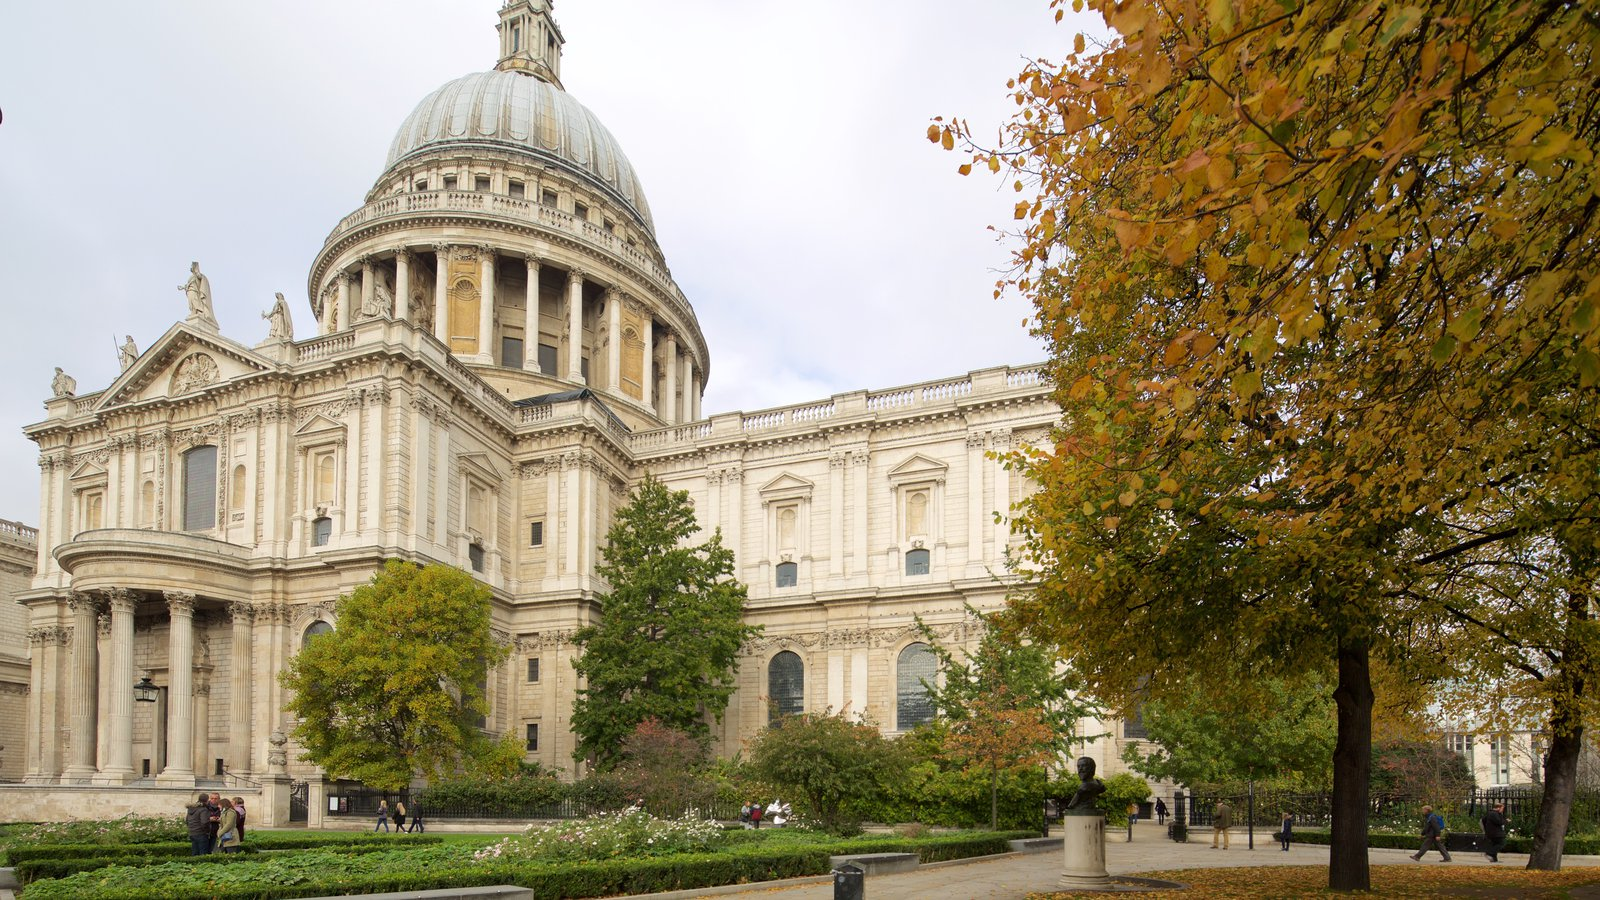 St. Paul\'s Cathedral mostrando arquitetura de patrimônio, um parque e uma igreja ou catedral